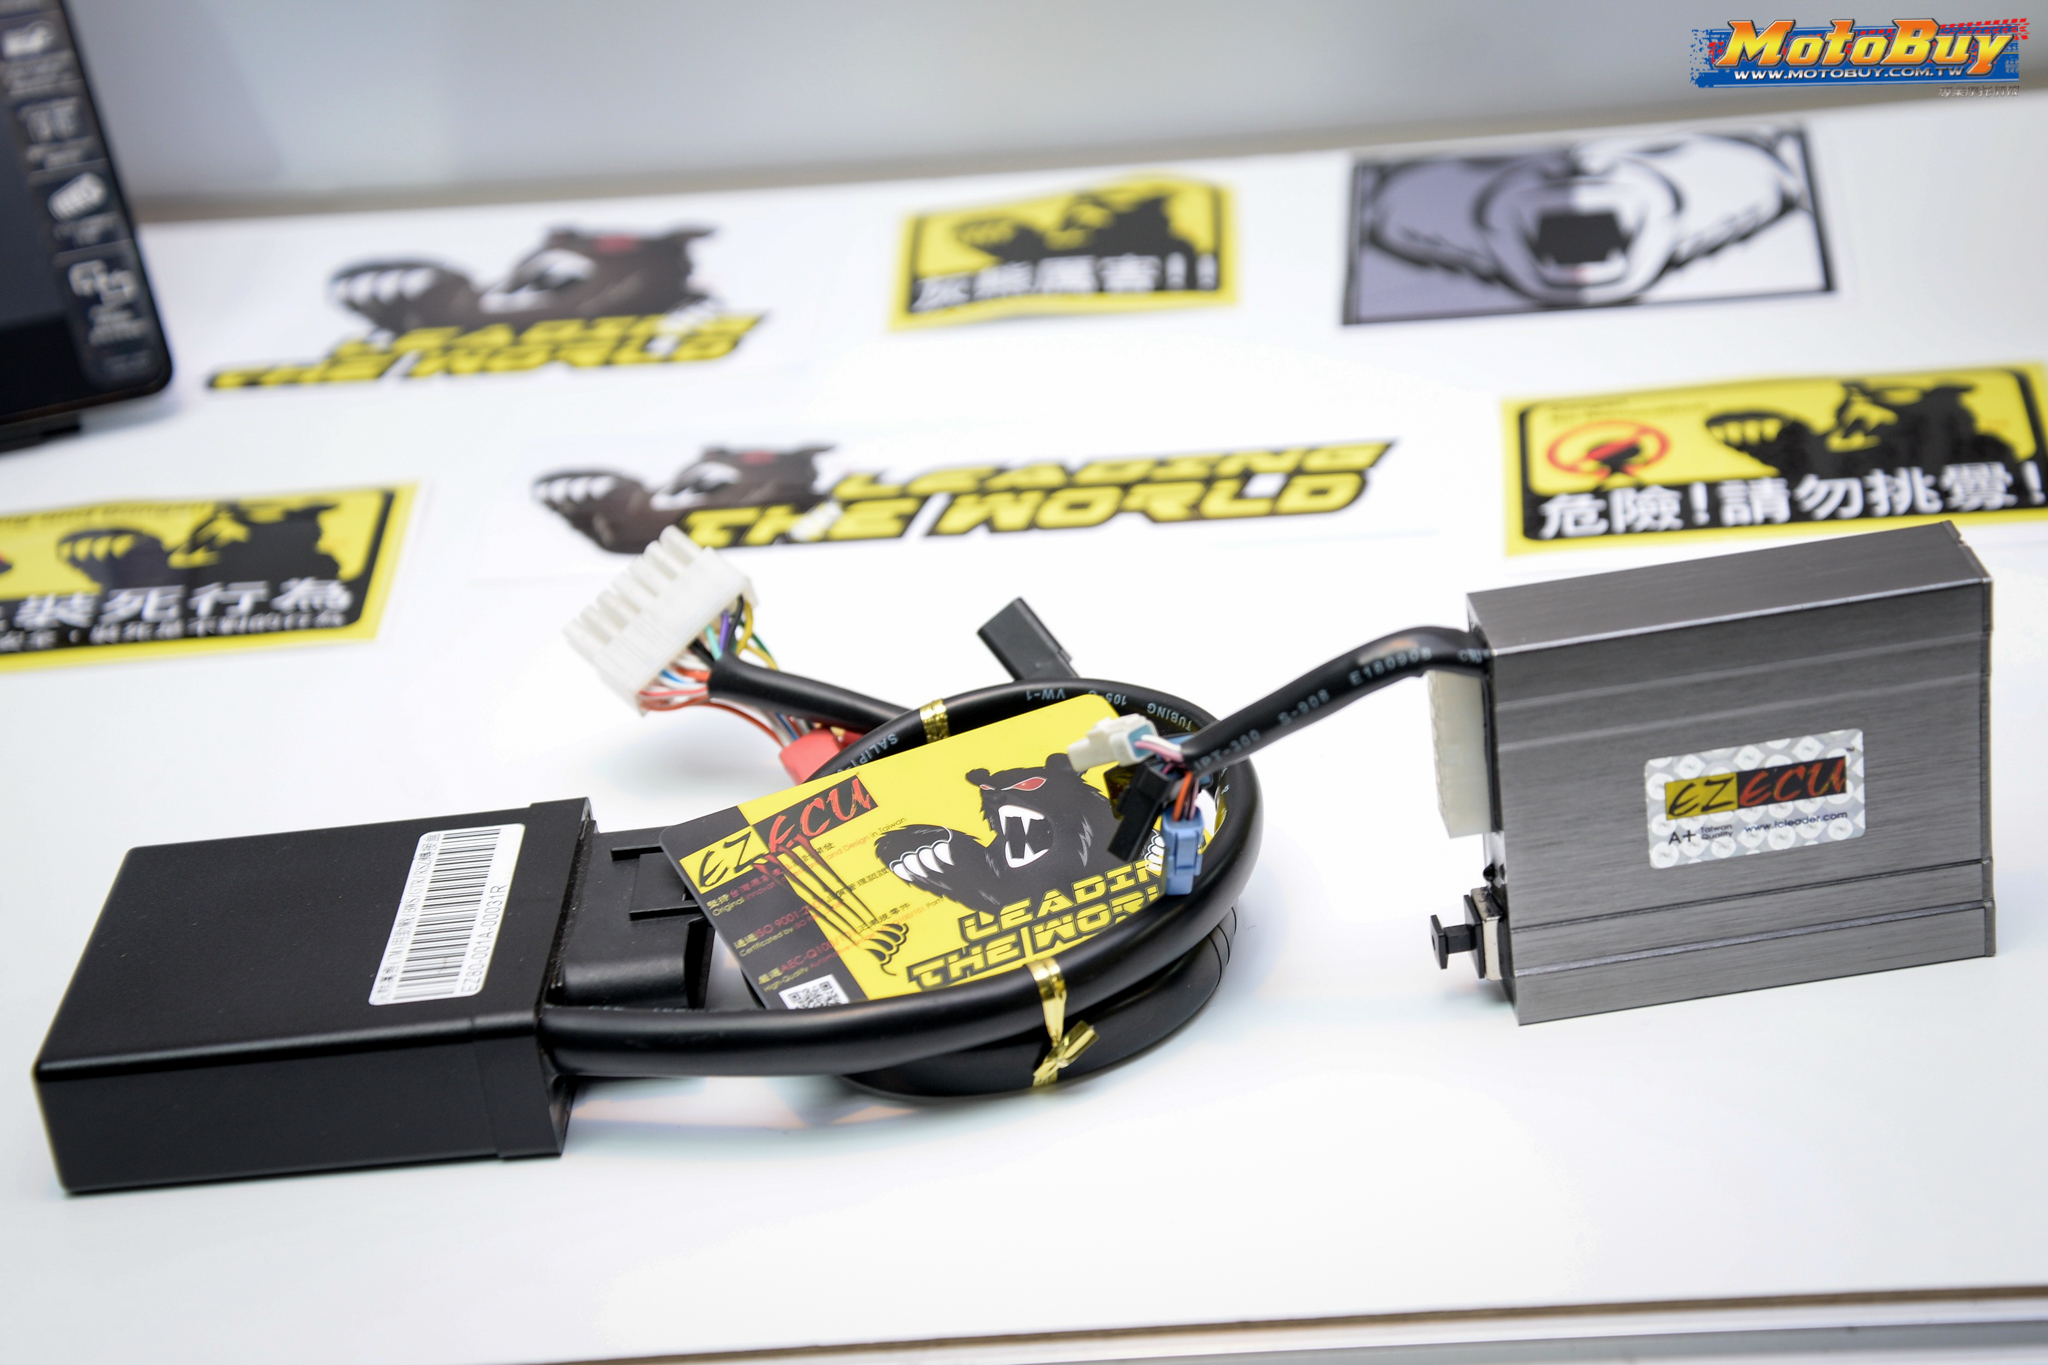 [車展採訪] 灰熊厲害! 雙噴嘴系統榮獲產品創意獎 EZ-ECU立達電通   MotoBuy